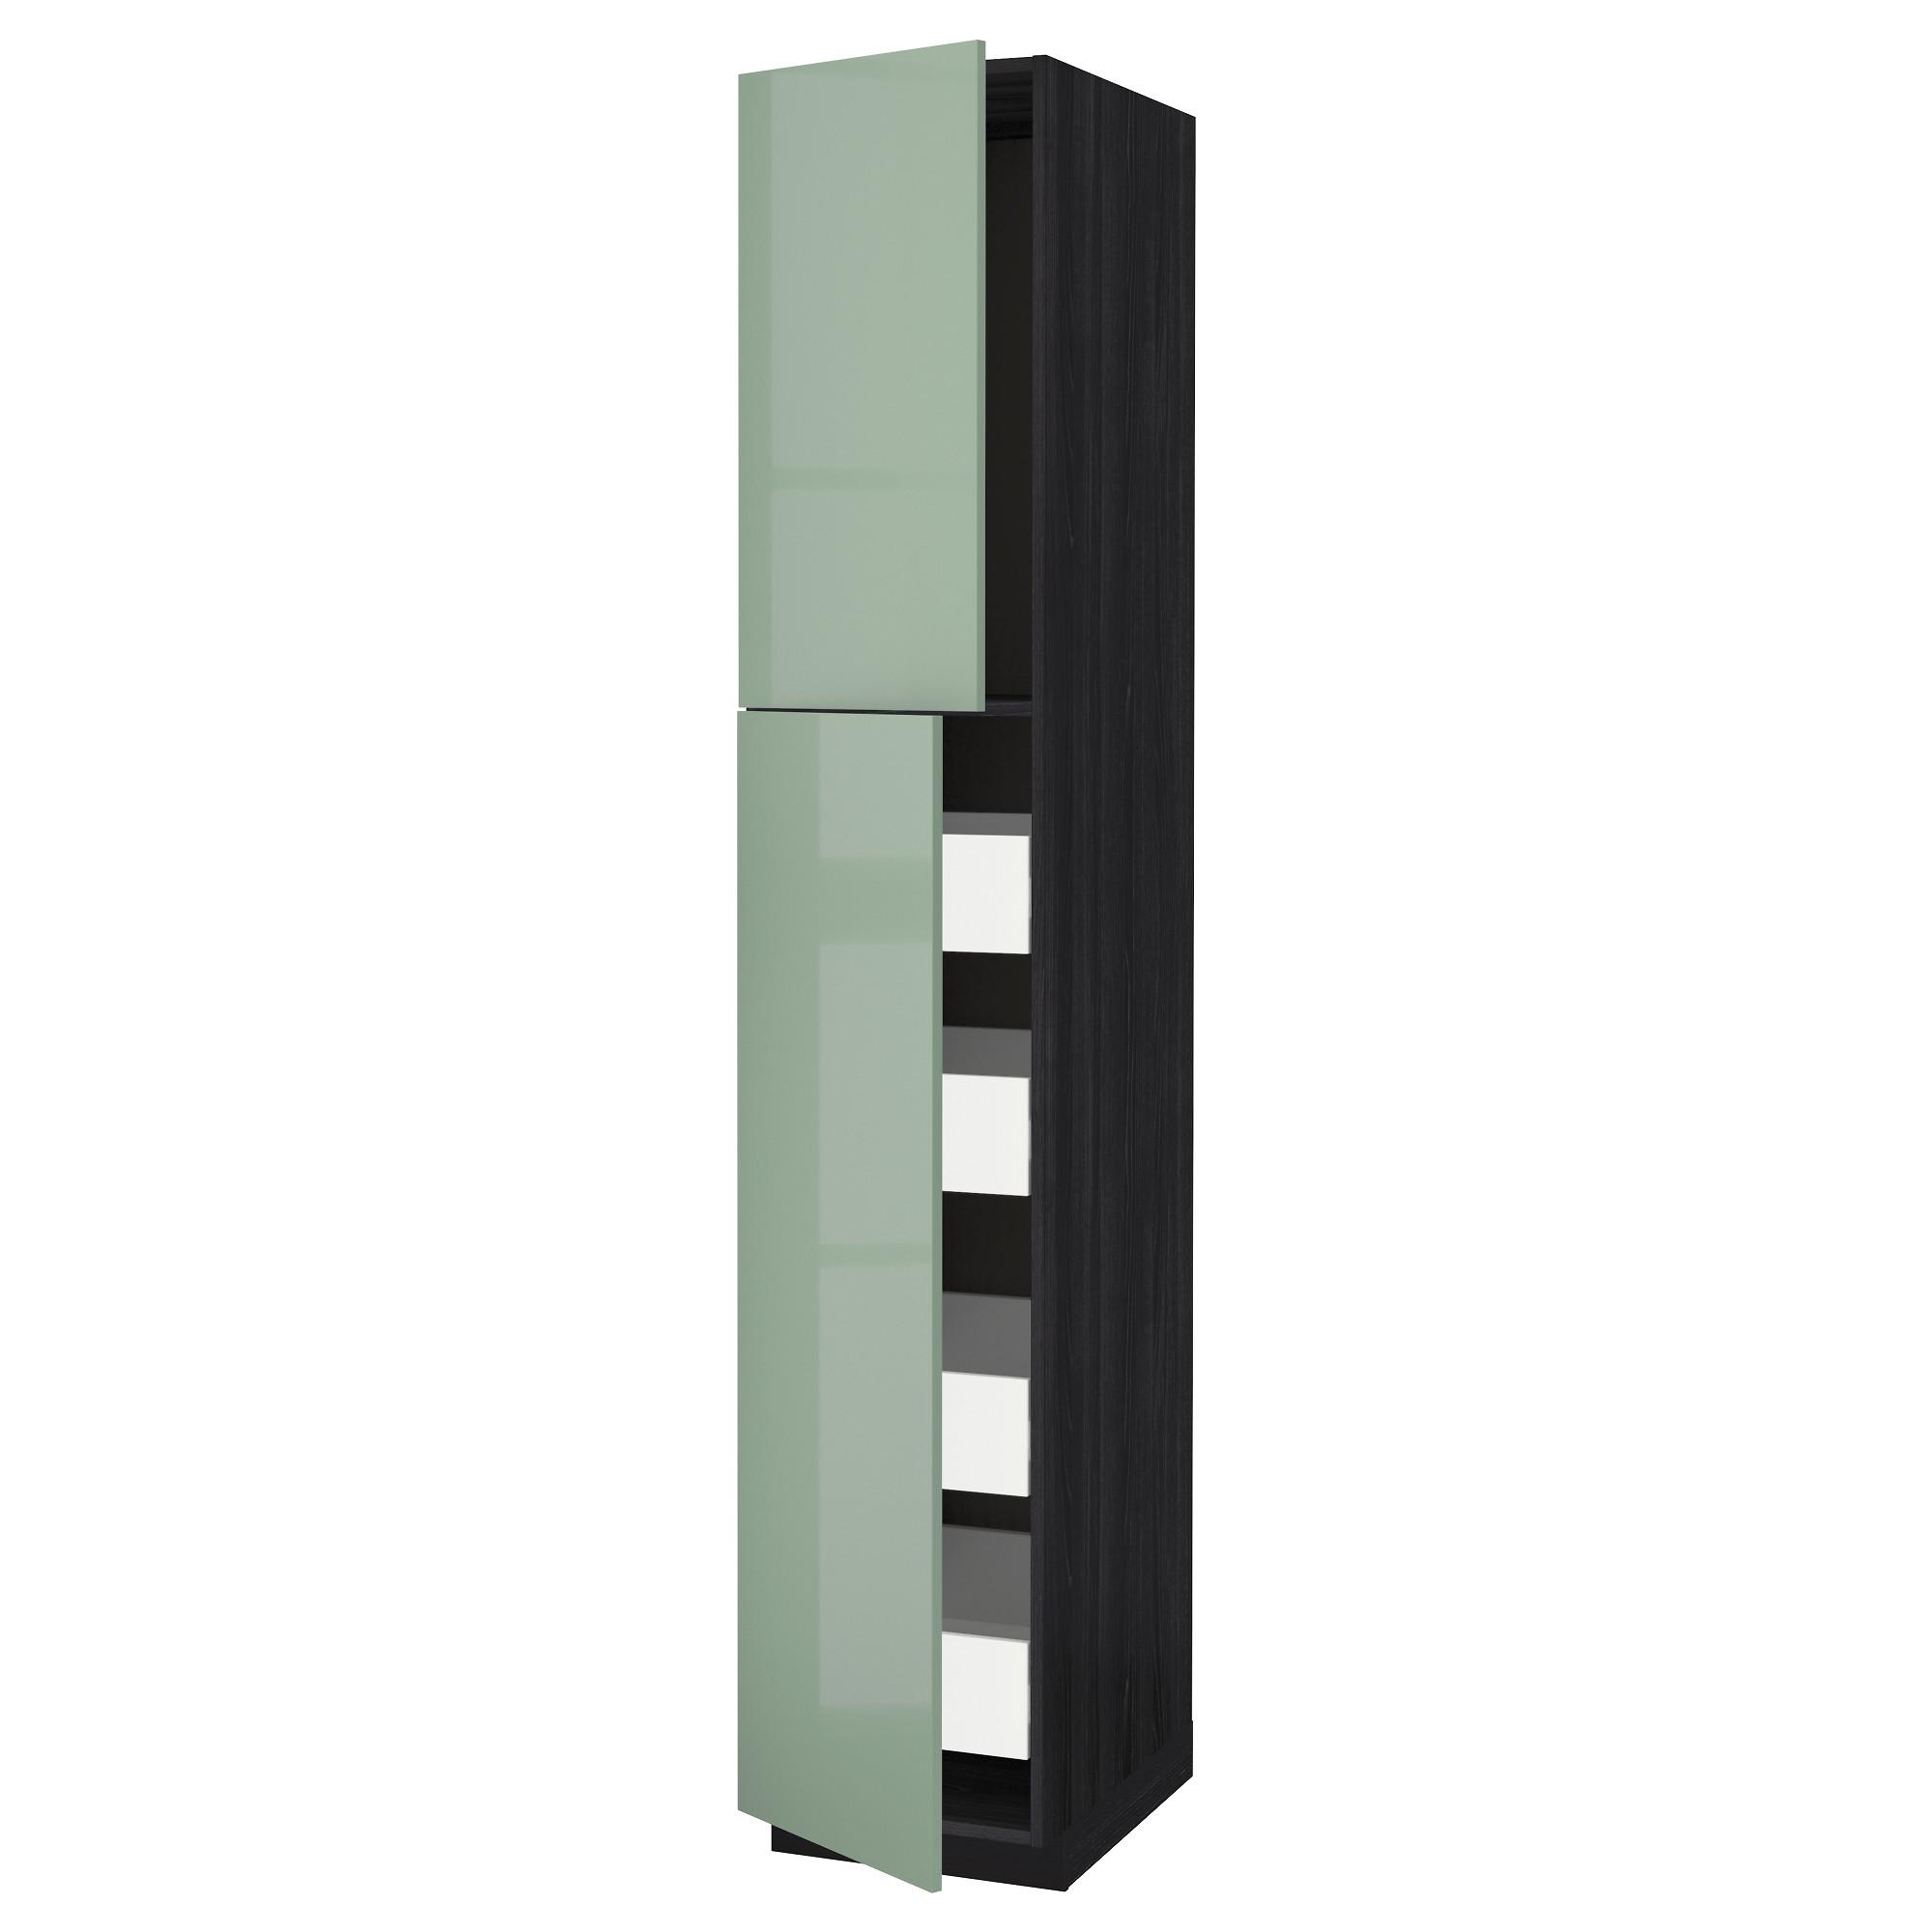 Высокий шкаф/2дверцы/4ящика МЕТОД / ФОРВАРА черный артикуль № 092.658.64 в наличии. Online сайт IKEA Минск. Быстрая доставка и соборка.